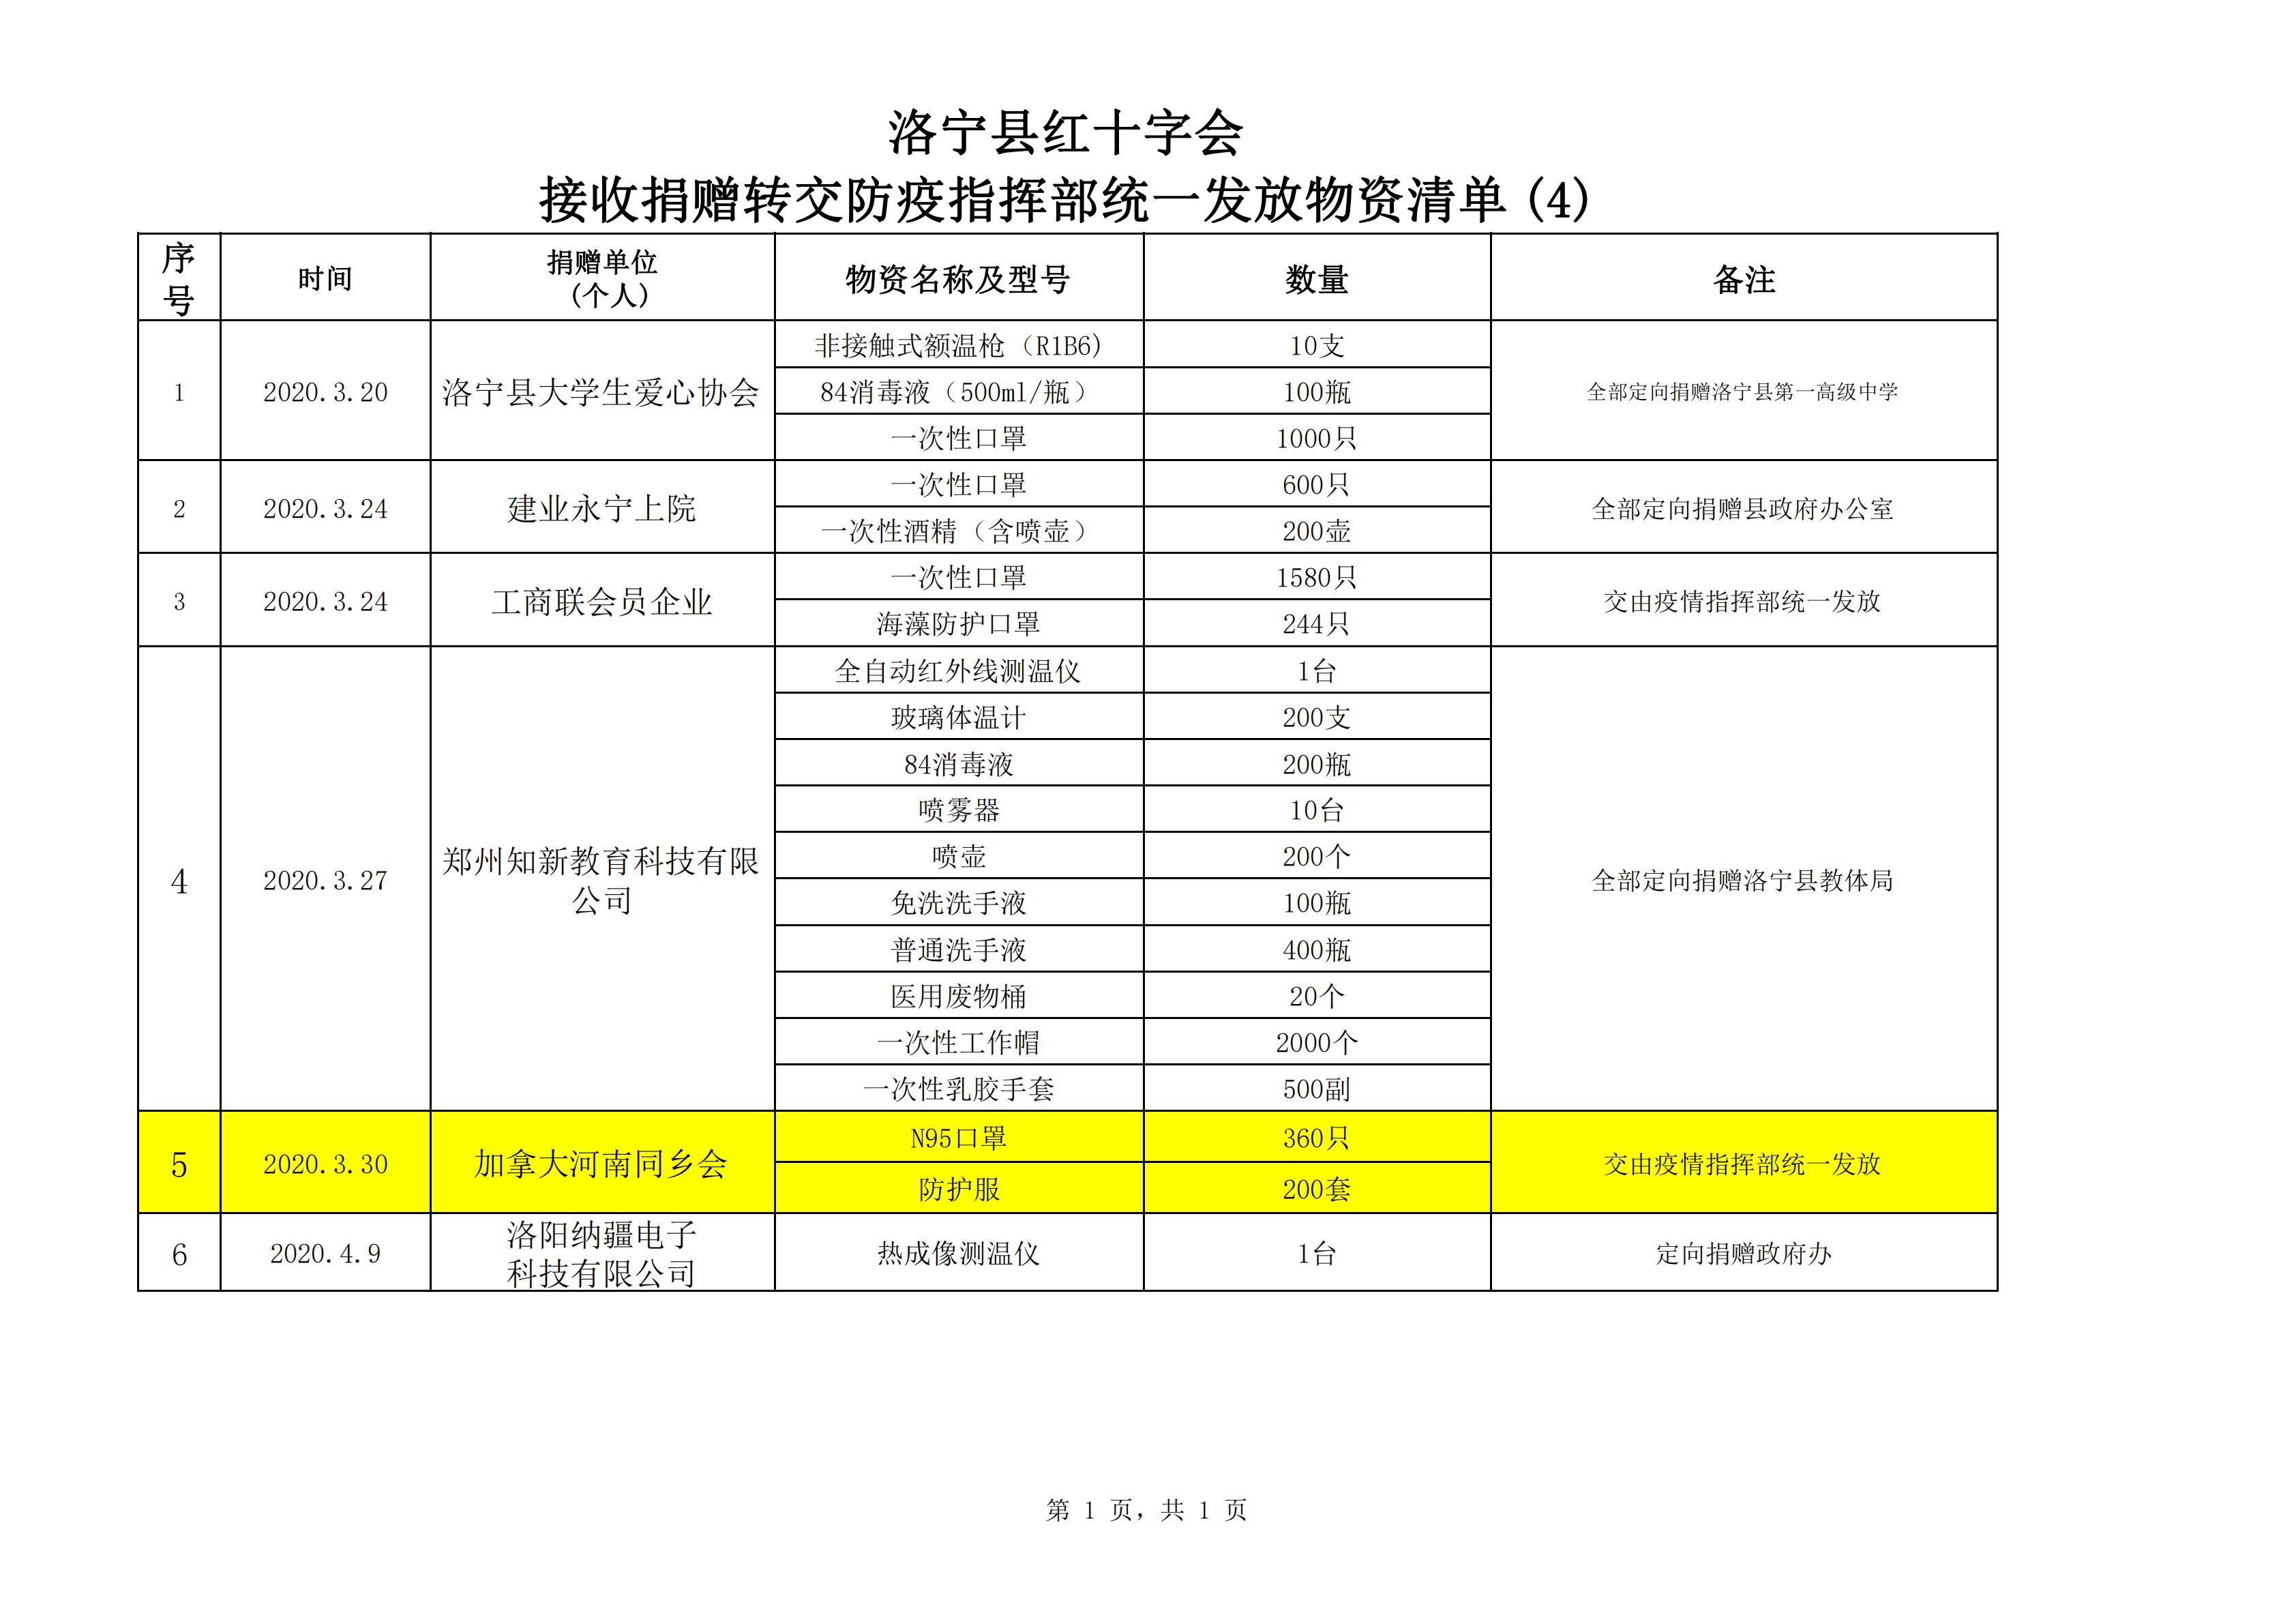 洛宁县红十字会接收捐赠物资转交防疫指挥部公示清单(4)_00